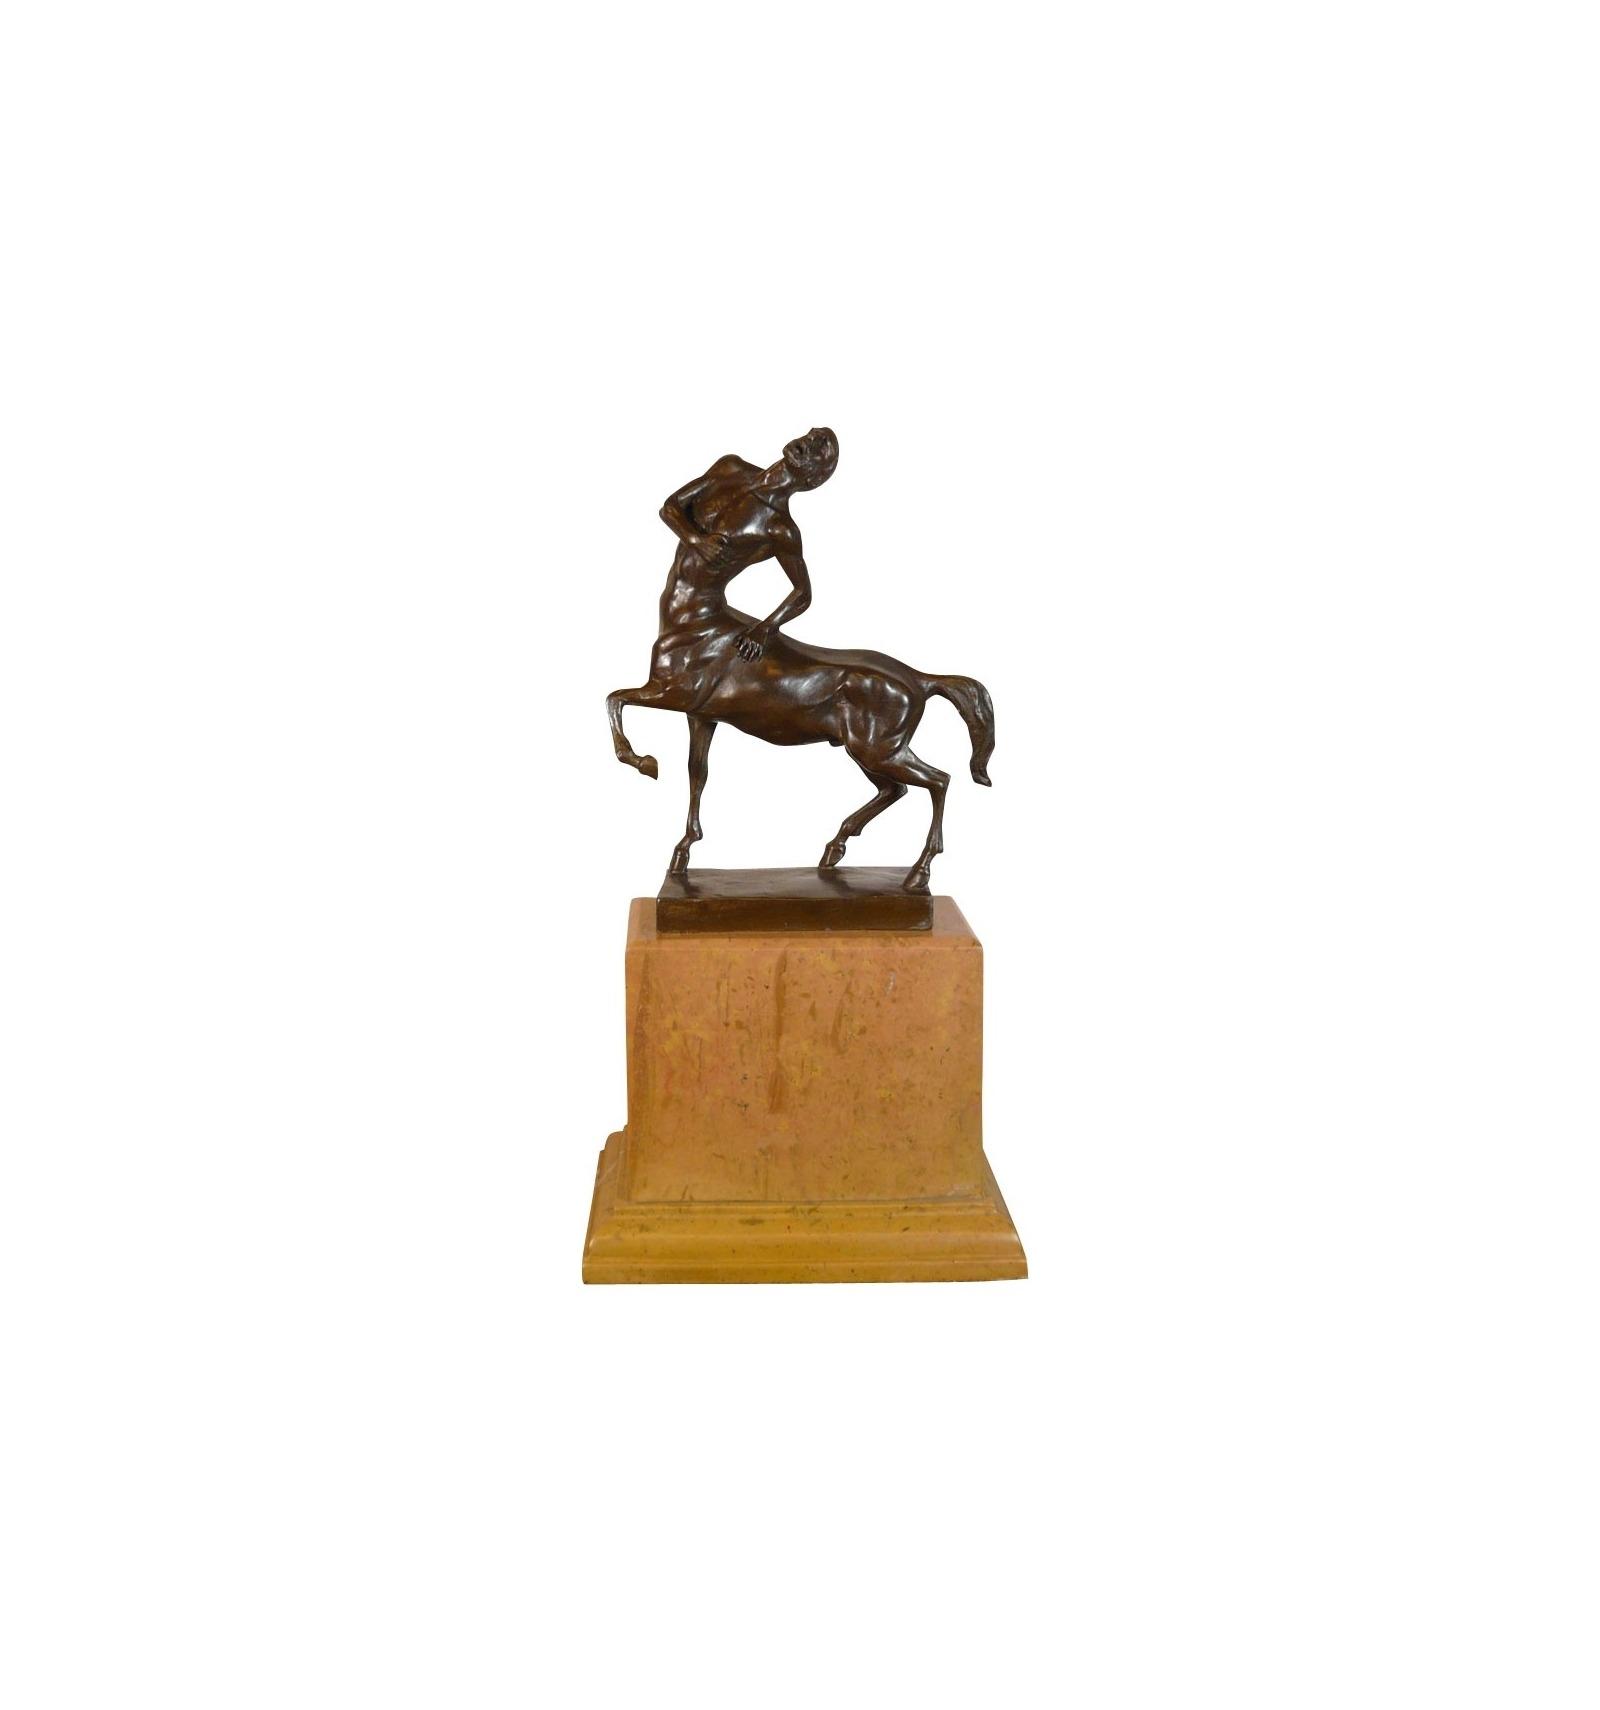 Bronze statue - The centaur - Greek sculpture half man half